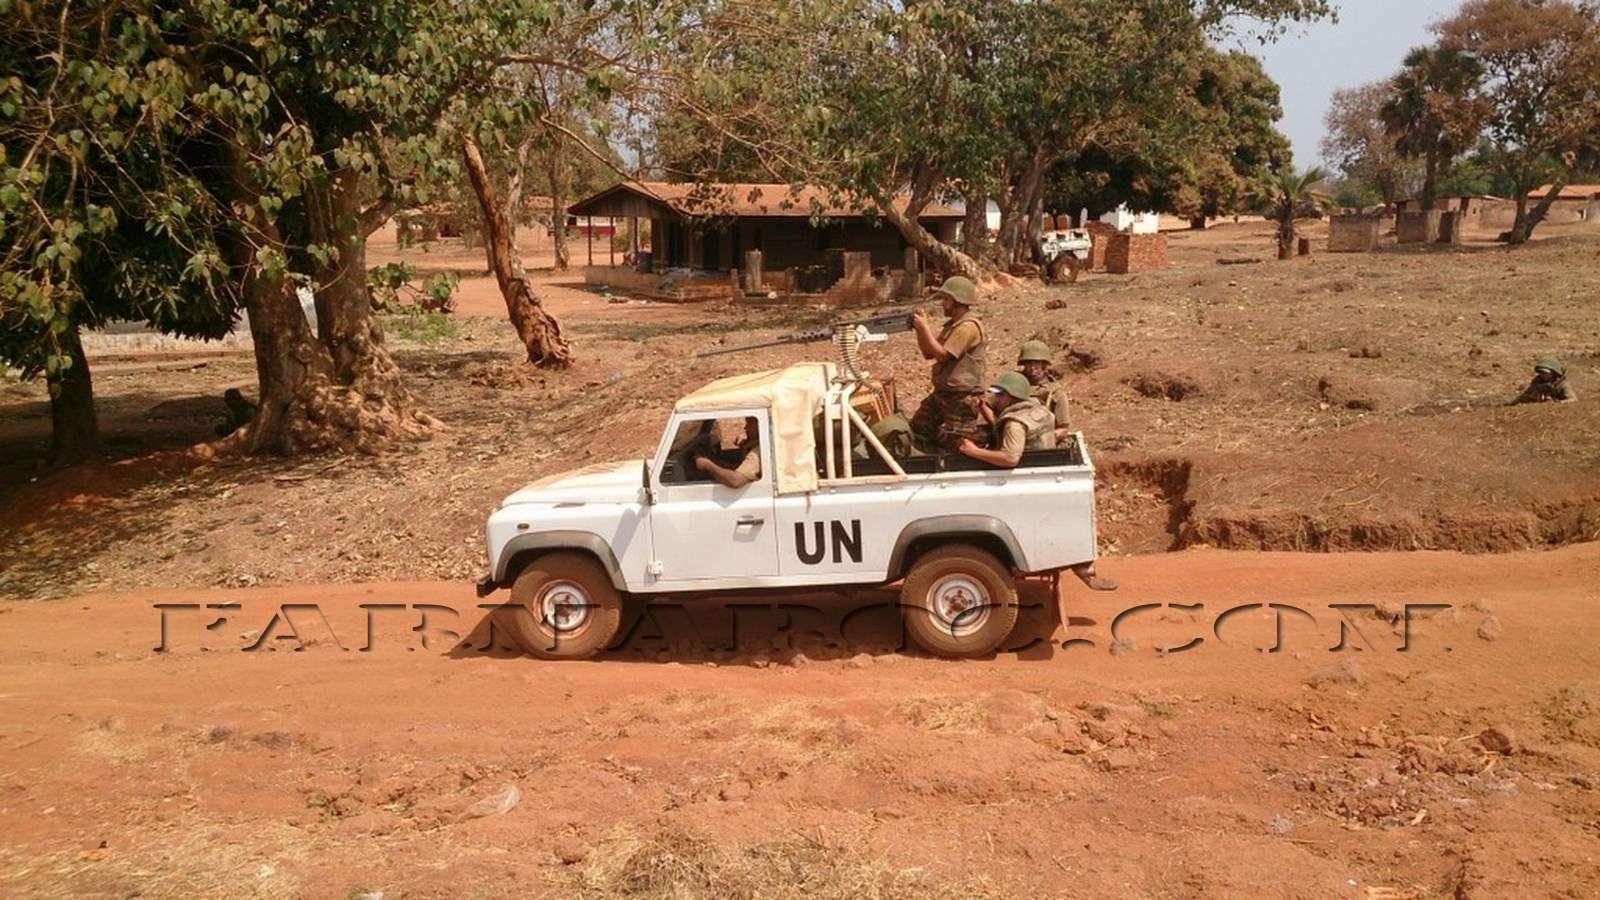 Maintien de la paix dans le monde - Les FAR en République Centrafricaine - RCA (MINUSCA) 510